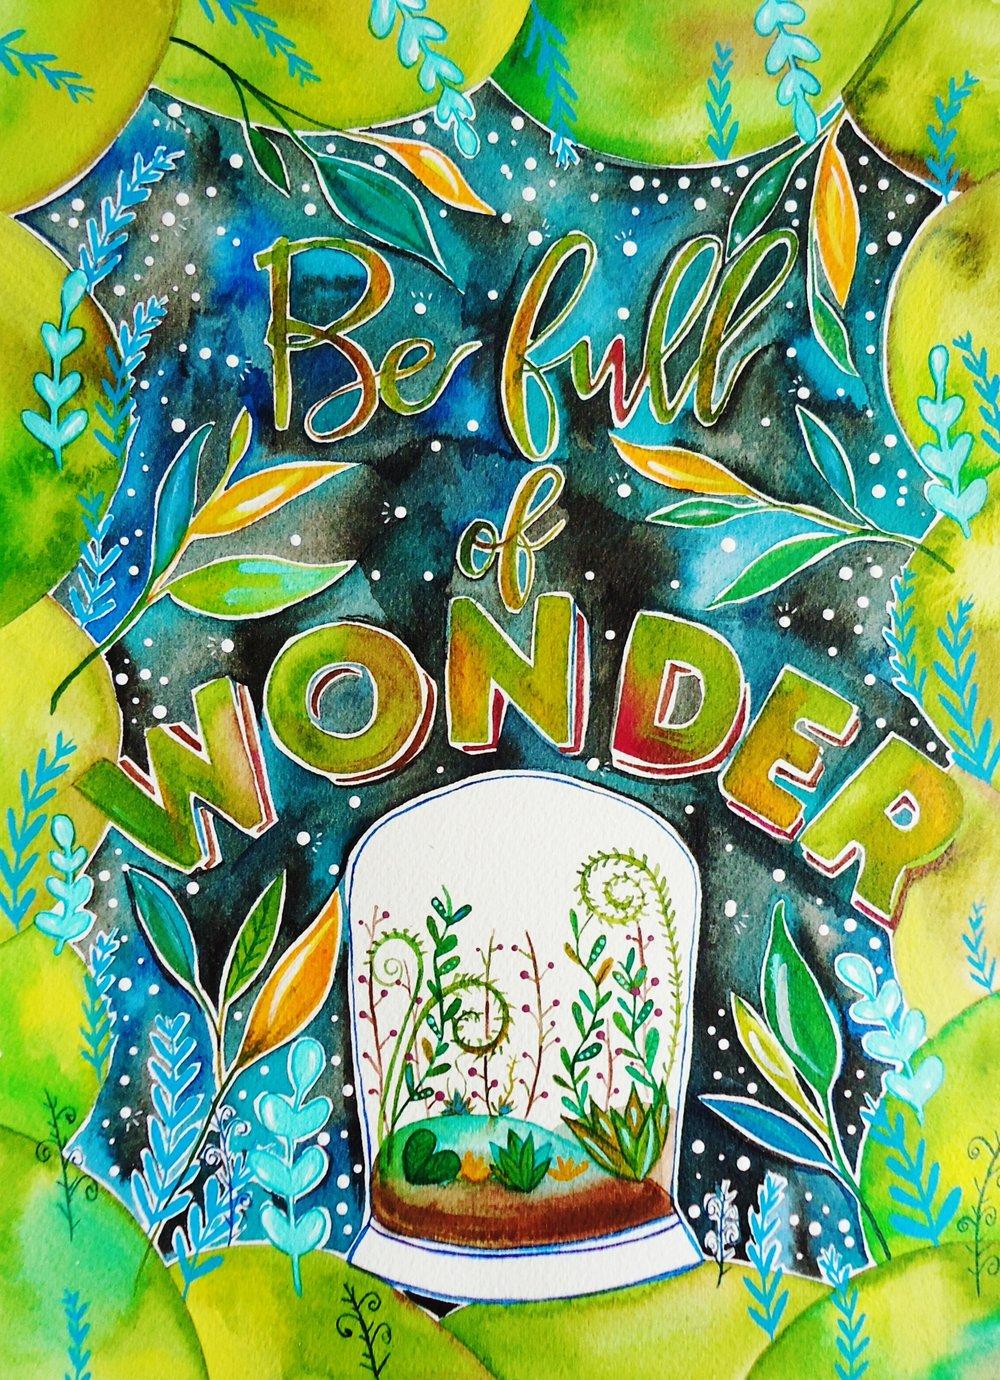 Lauren Younis_Be Full of Wonder.JPG